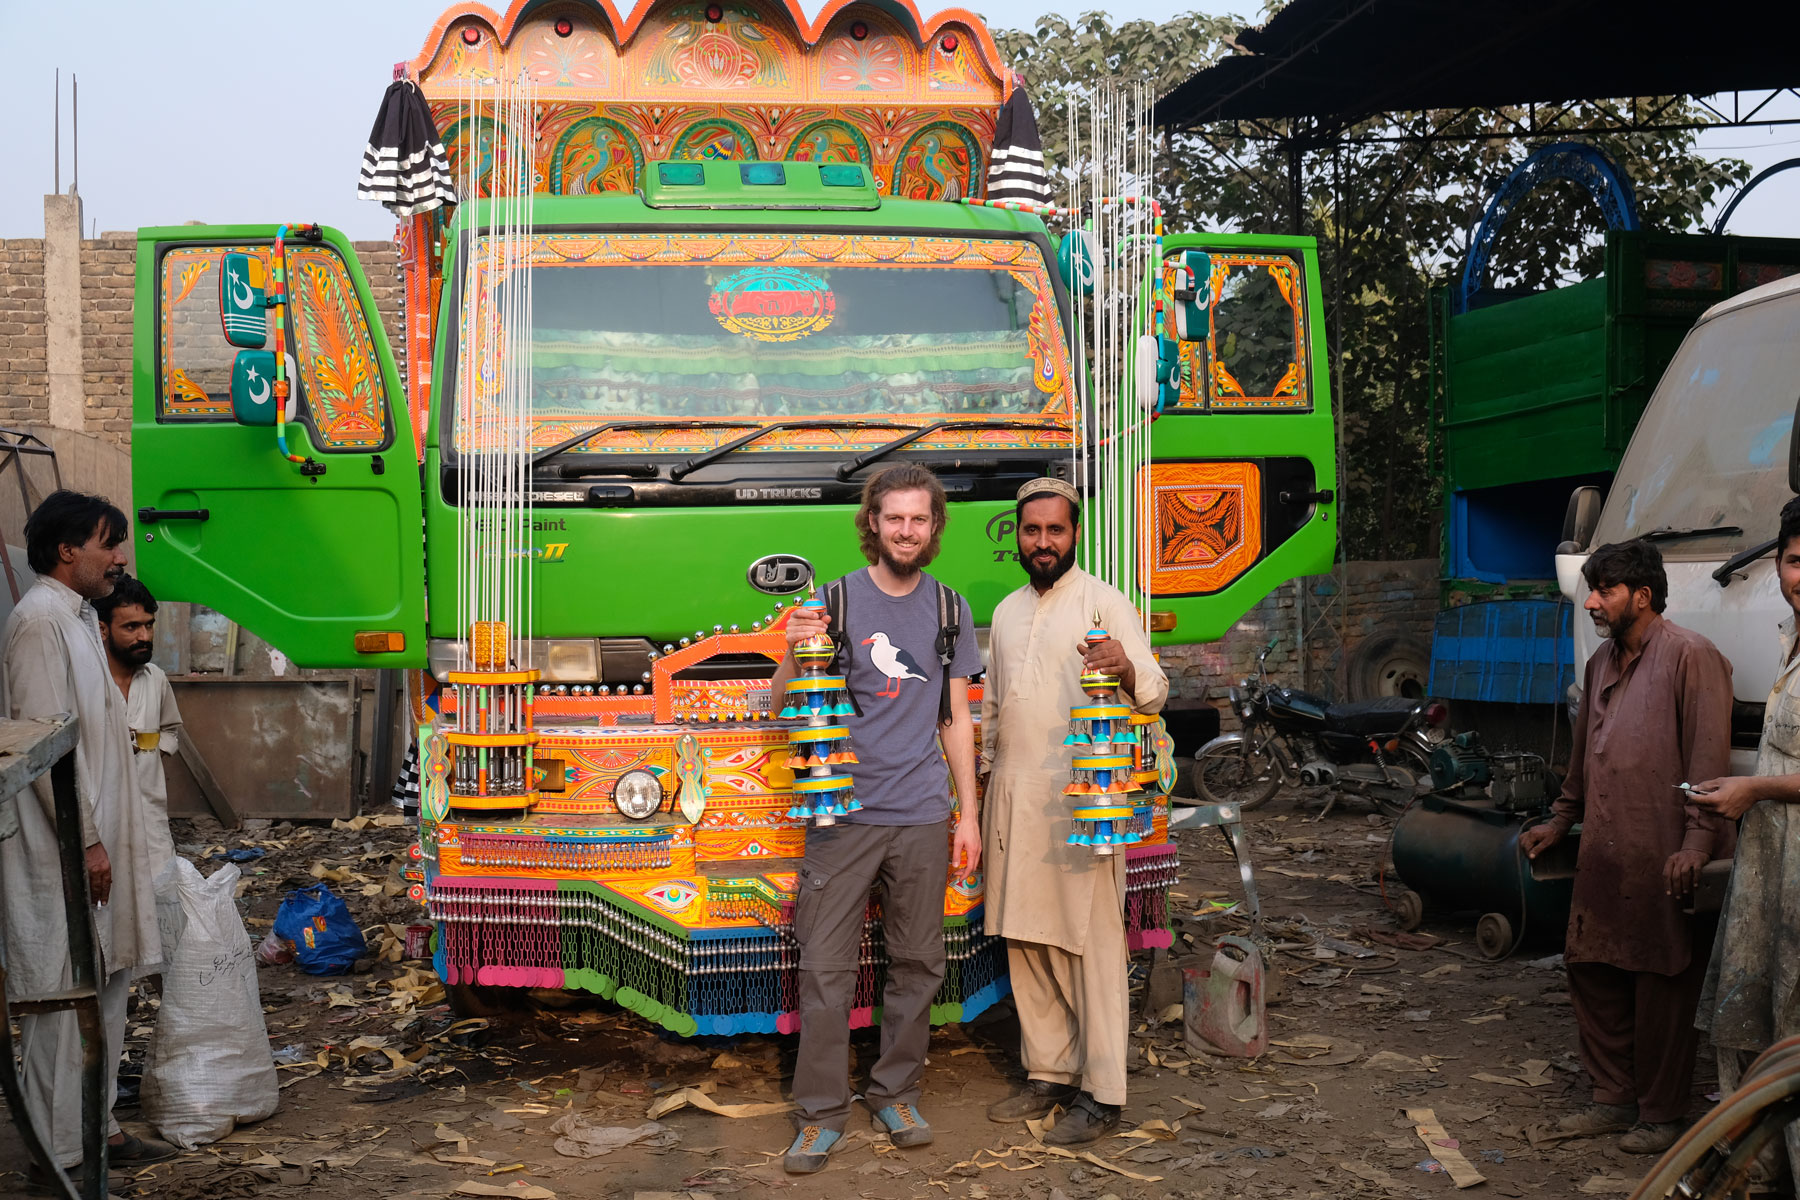 Sebastian steht neben einem Mann. Beide halten einen Gegenstand zur Verschönerung von Lastwagen in der Hand.